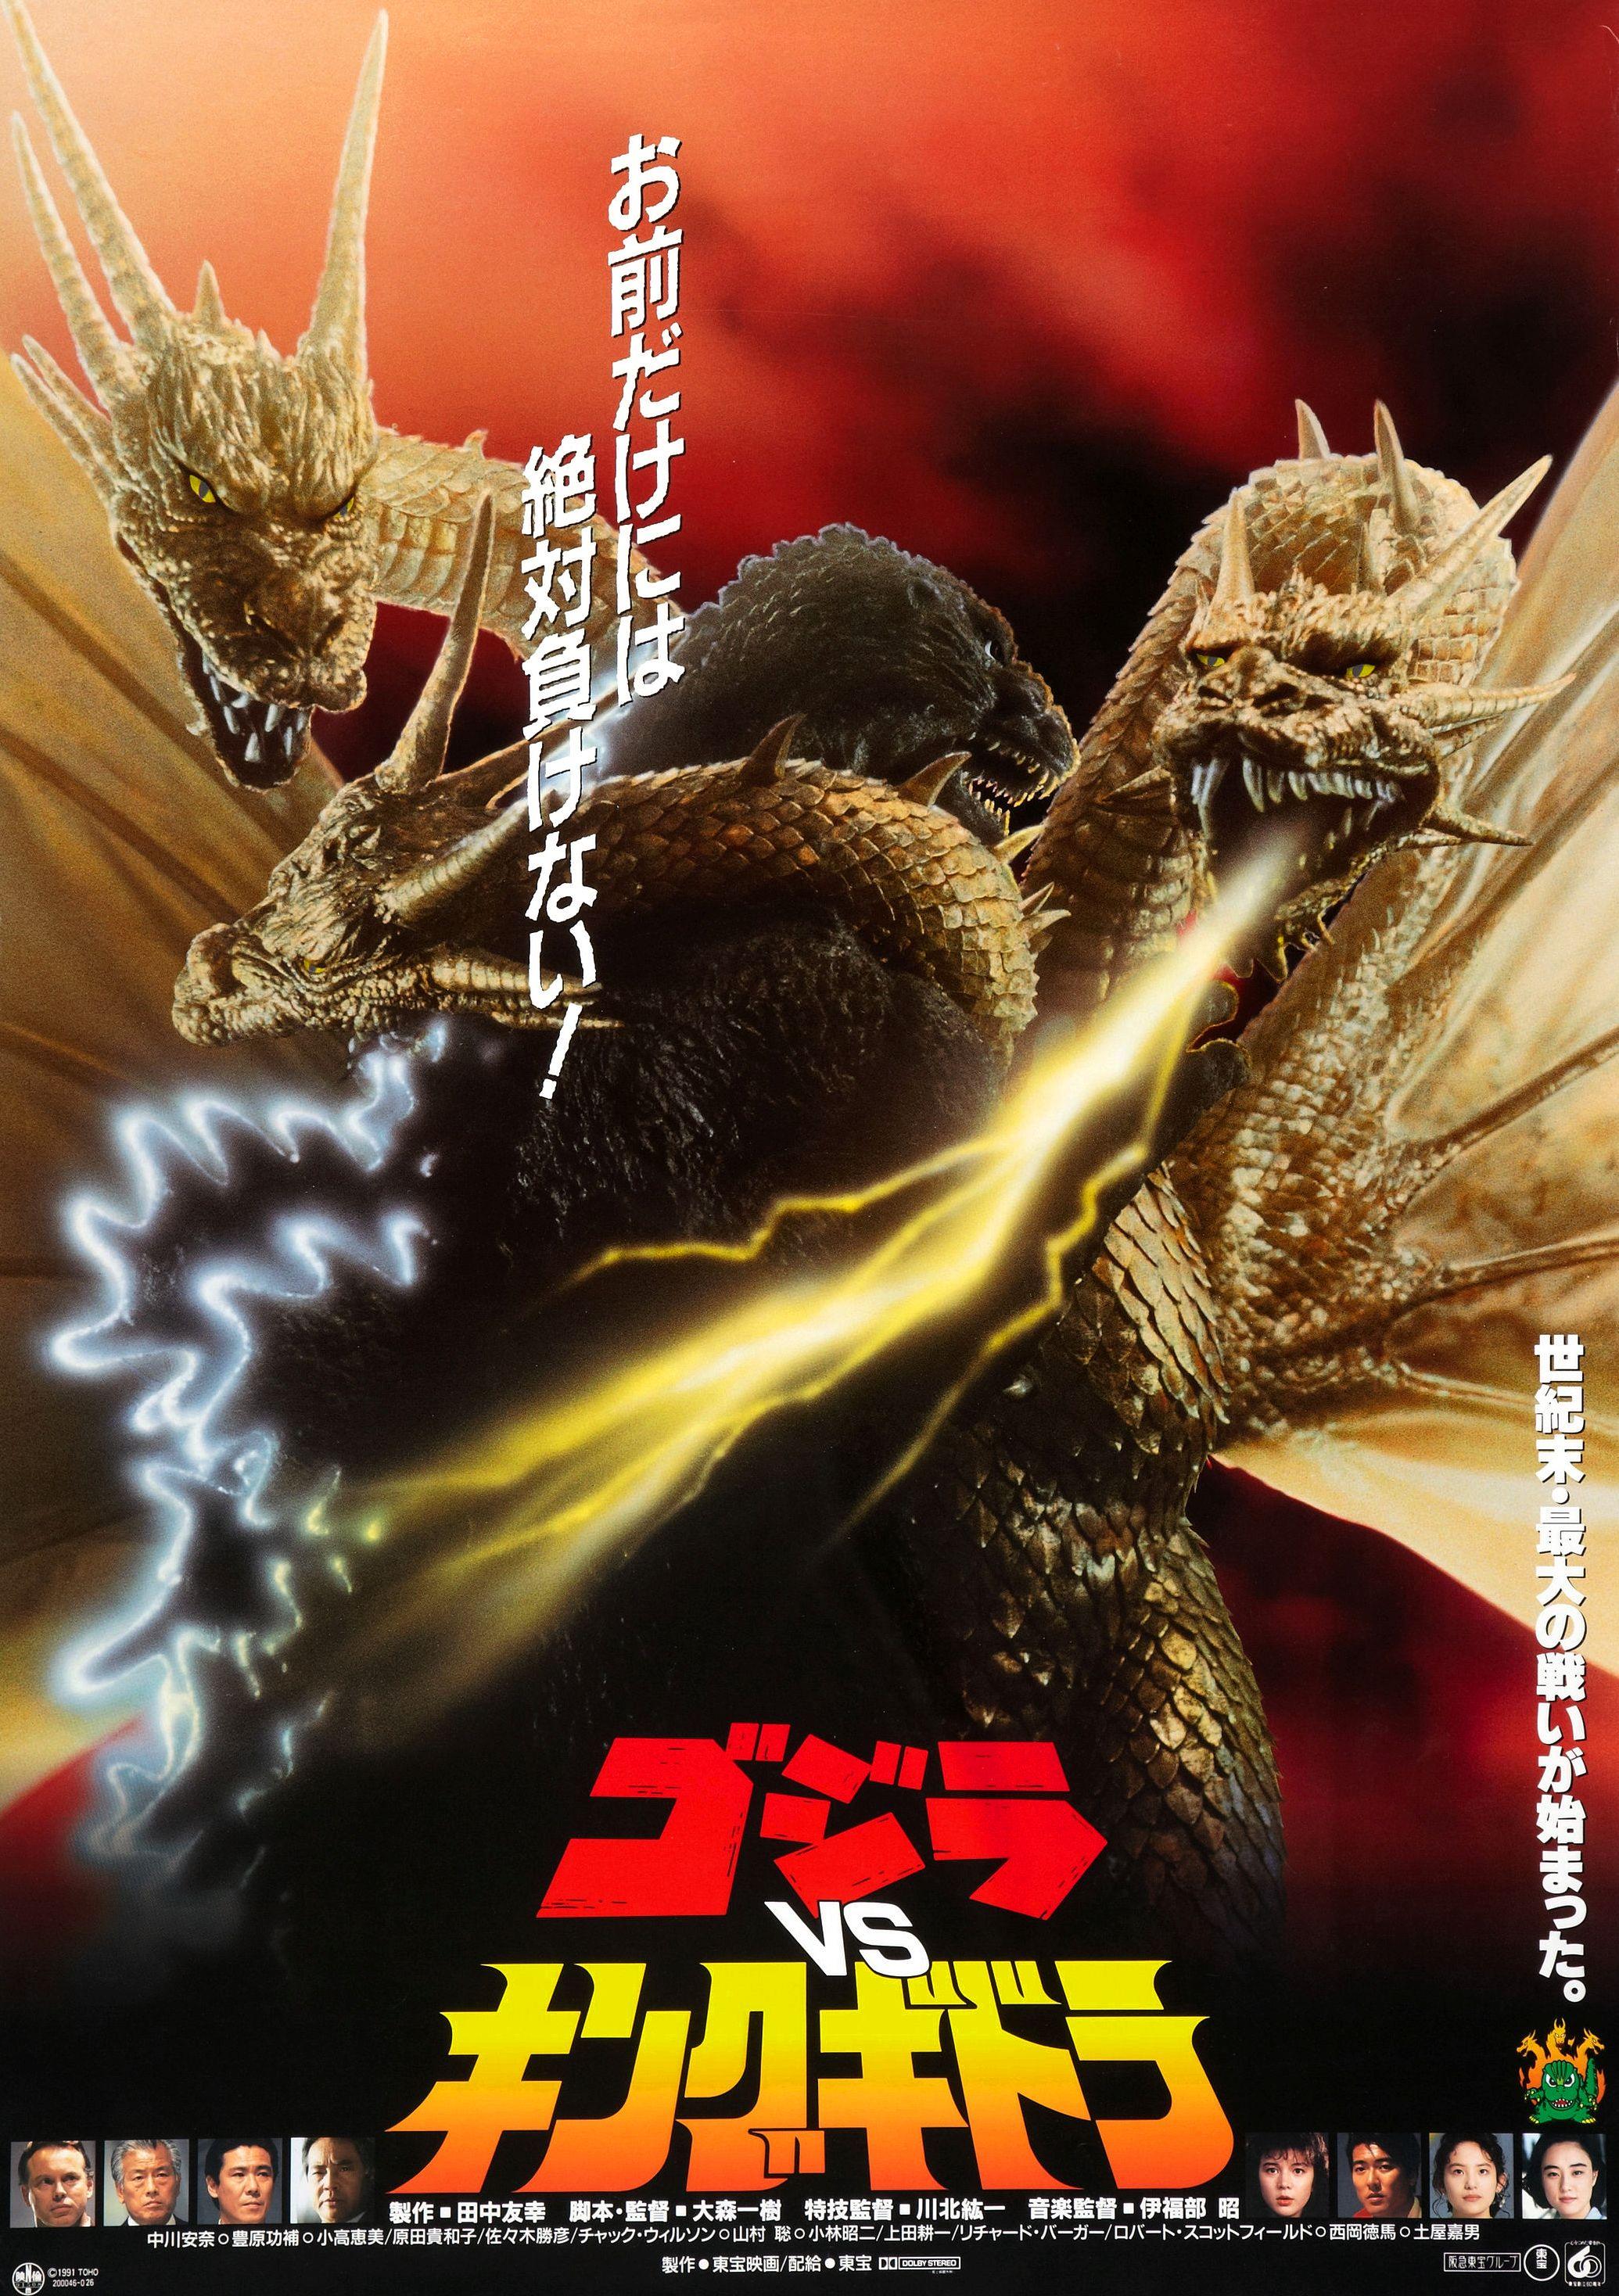 godzilla_vs_king_ghidorah_poster_1991_01.jpg